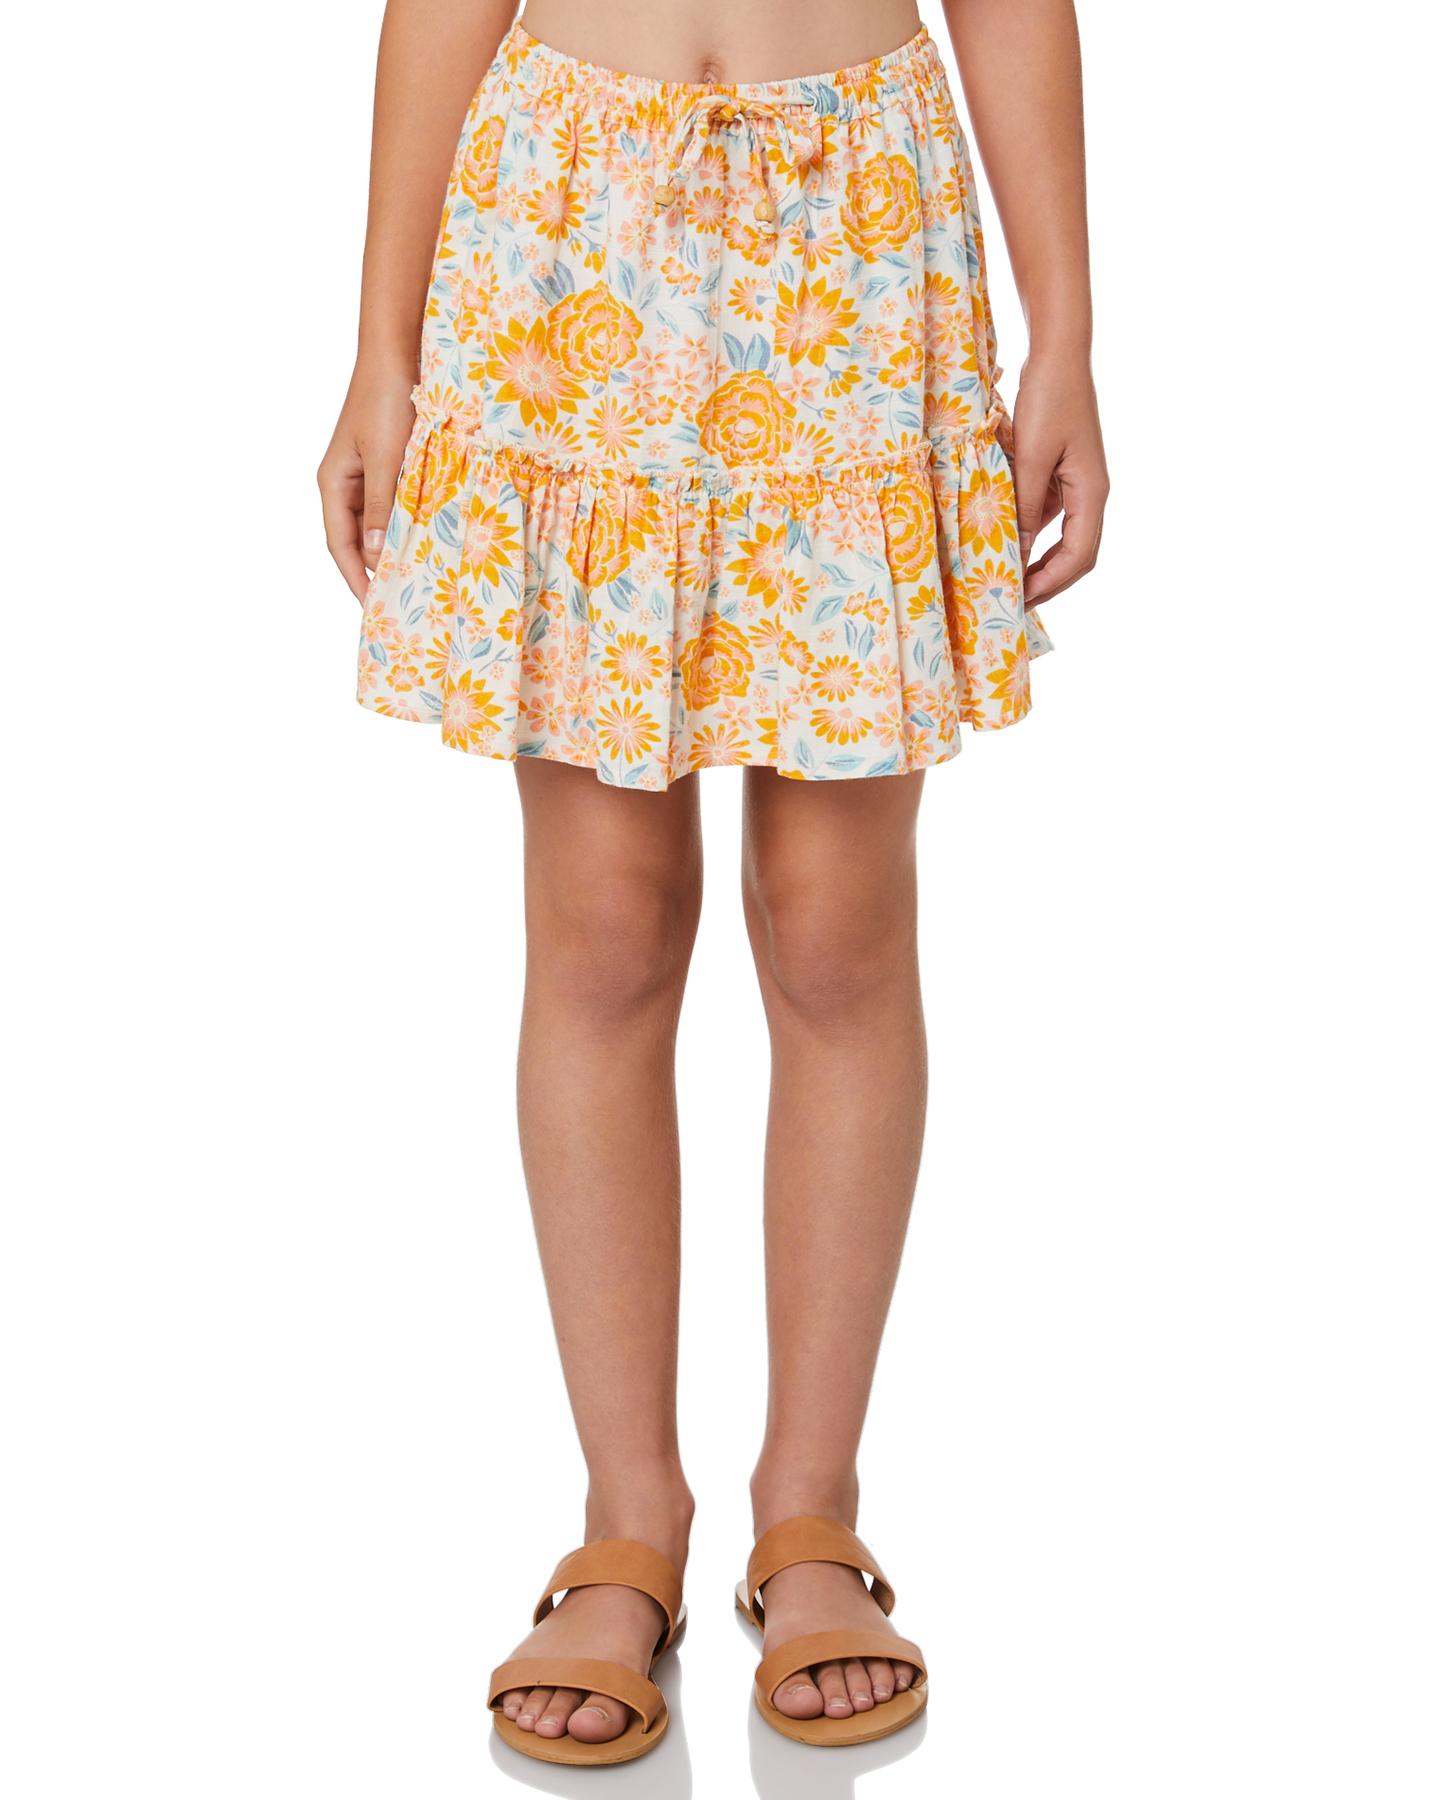 Eves Sister Girls Summer Fields Skirt - Teens Summer Fields Print